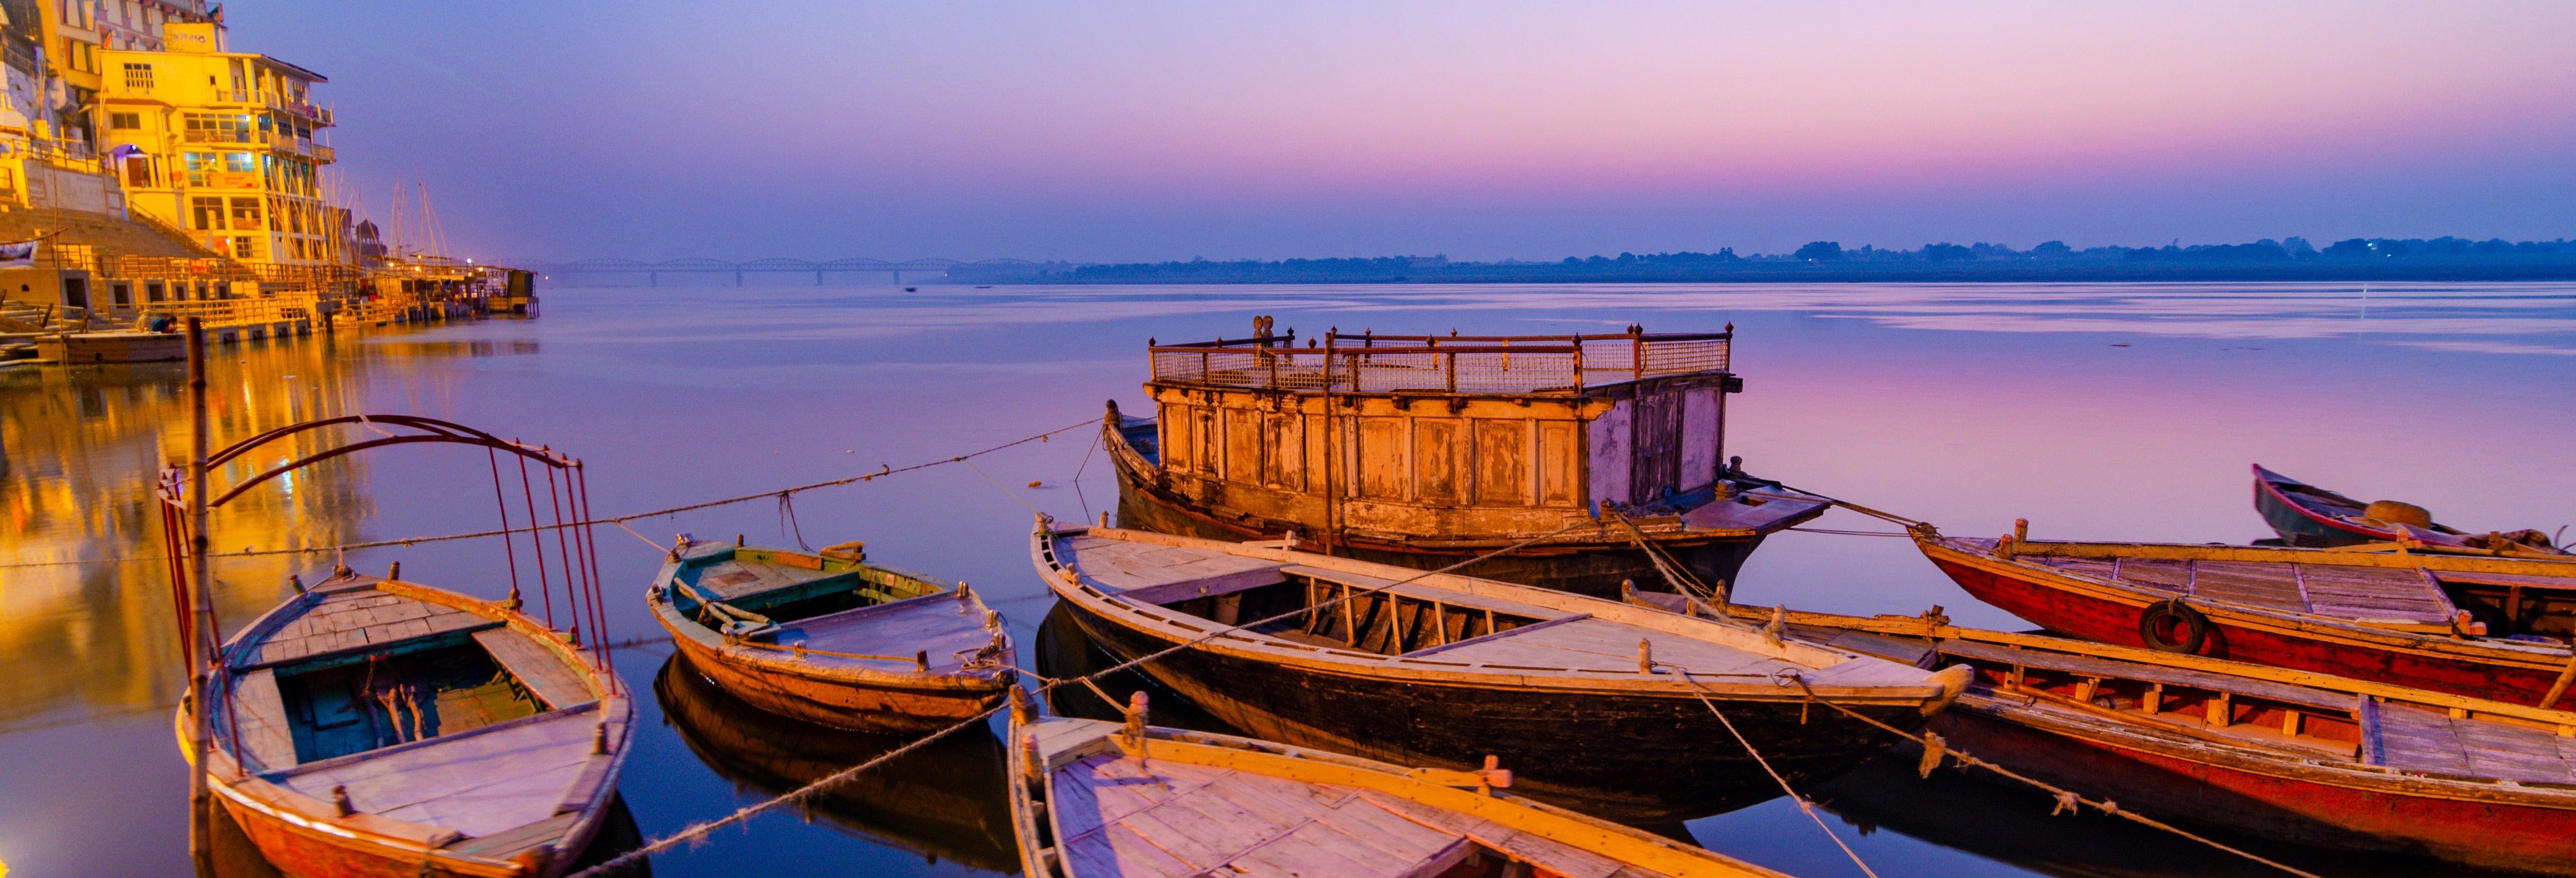 Tour fotografico di Varanasi